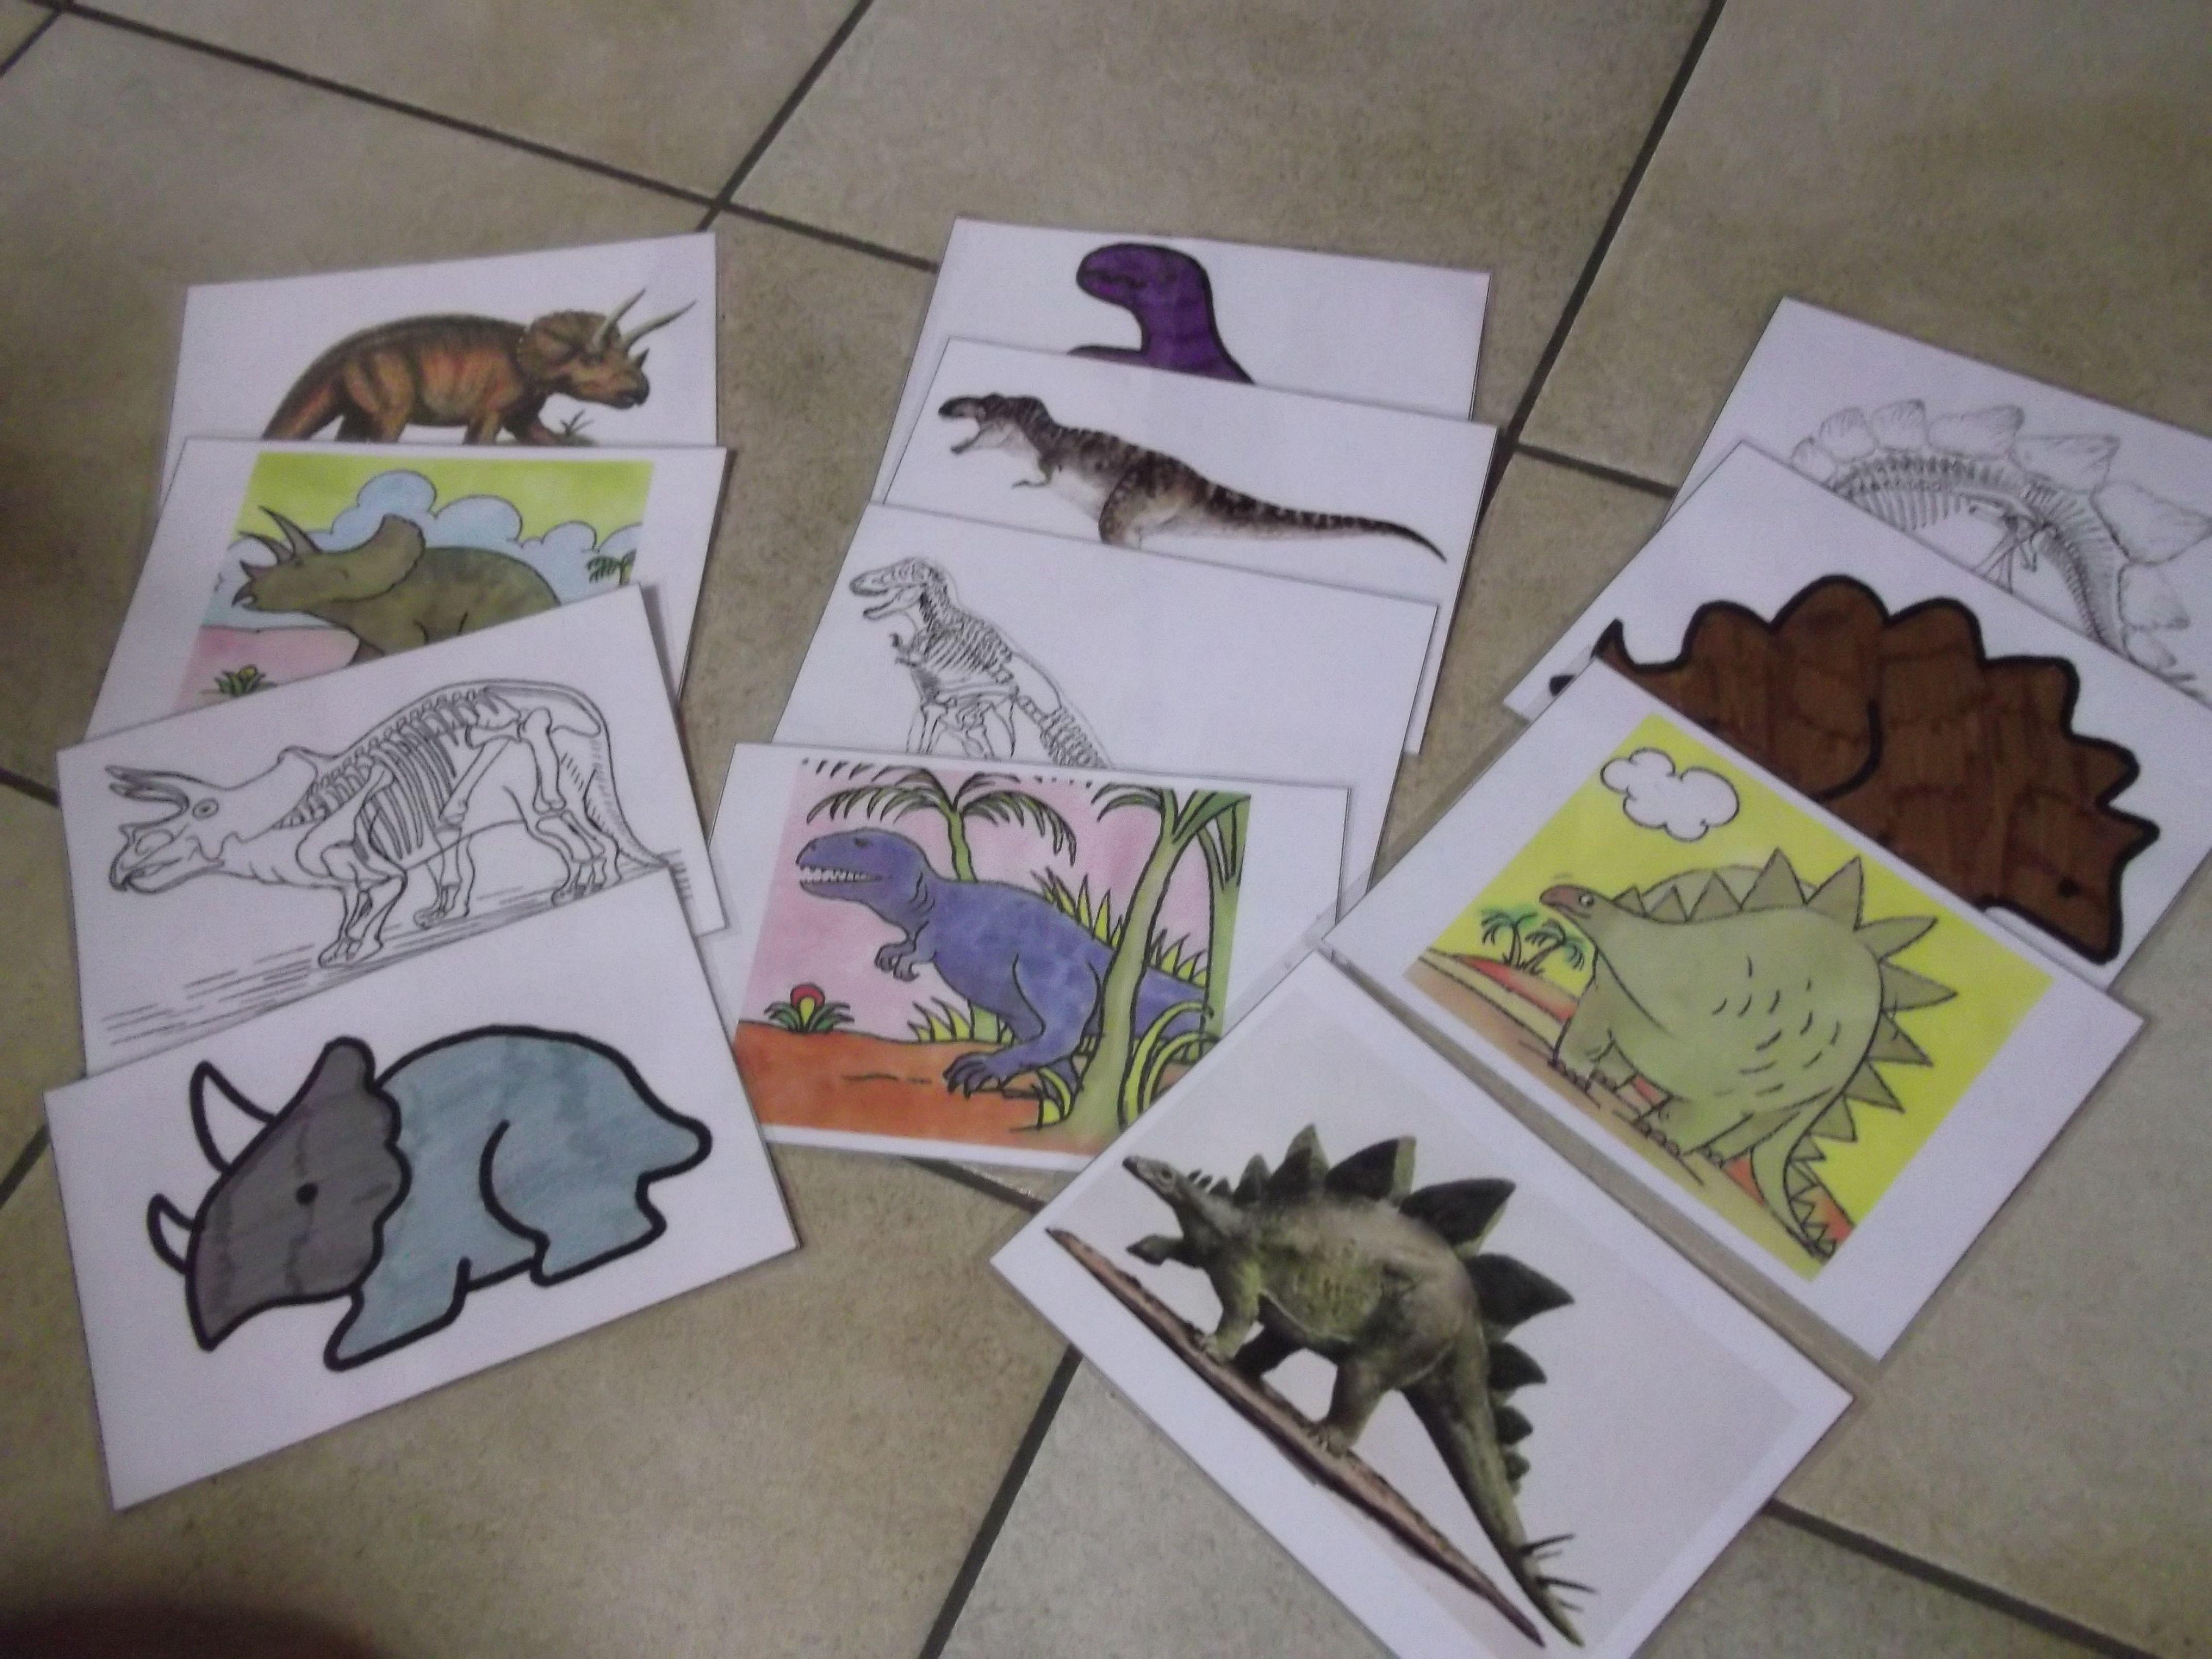 Dinokaartjes Skelet Kleurplaat Tekening Afbeelding Dinosaurussen Thema Kleurplaten